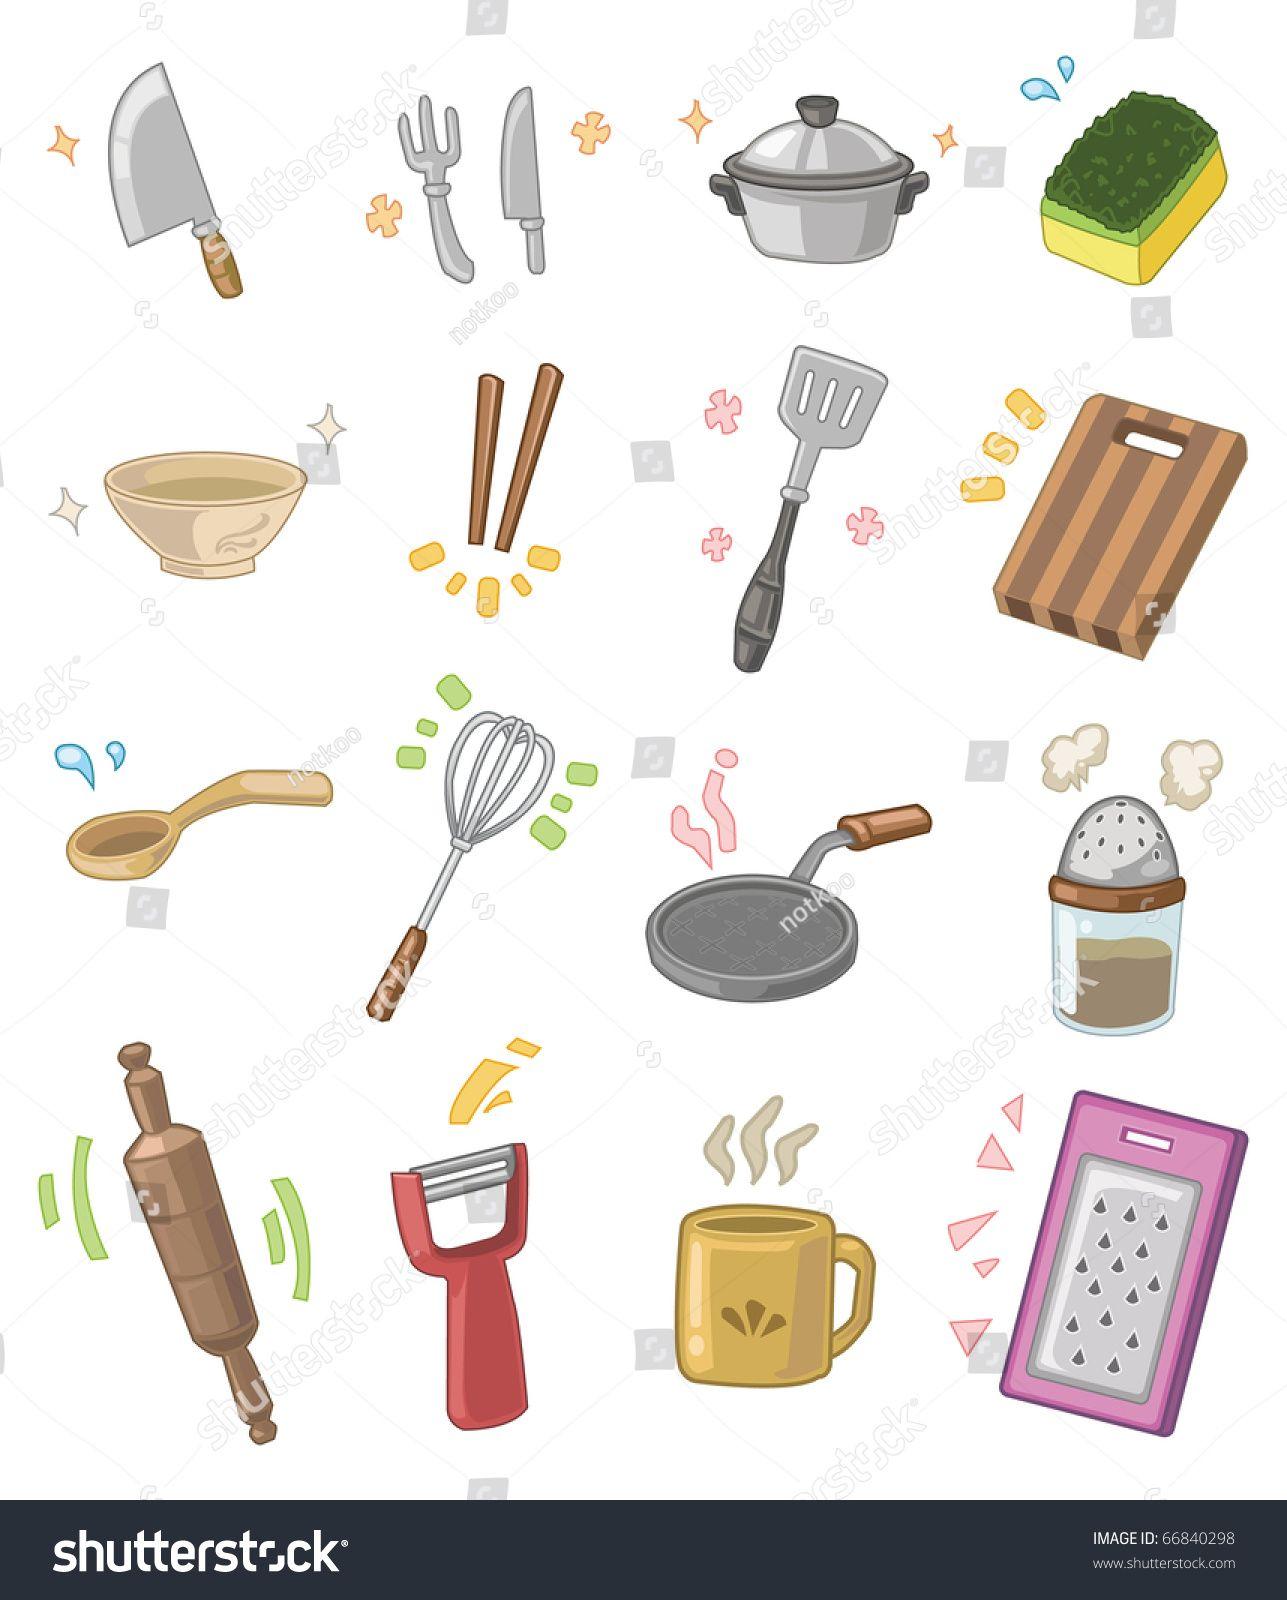 Cartoon Kitchen Utensils คร ว สต กเกอร ของใช ในคร ว